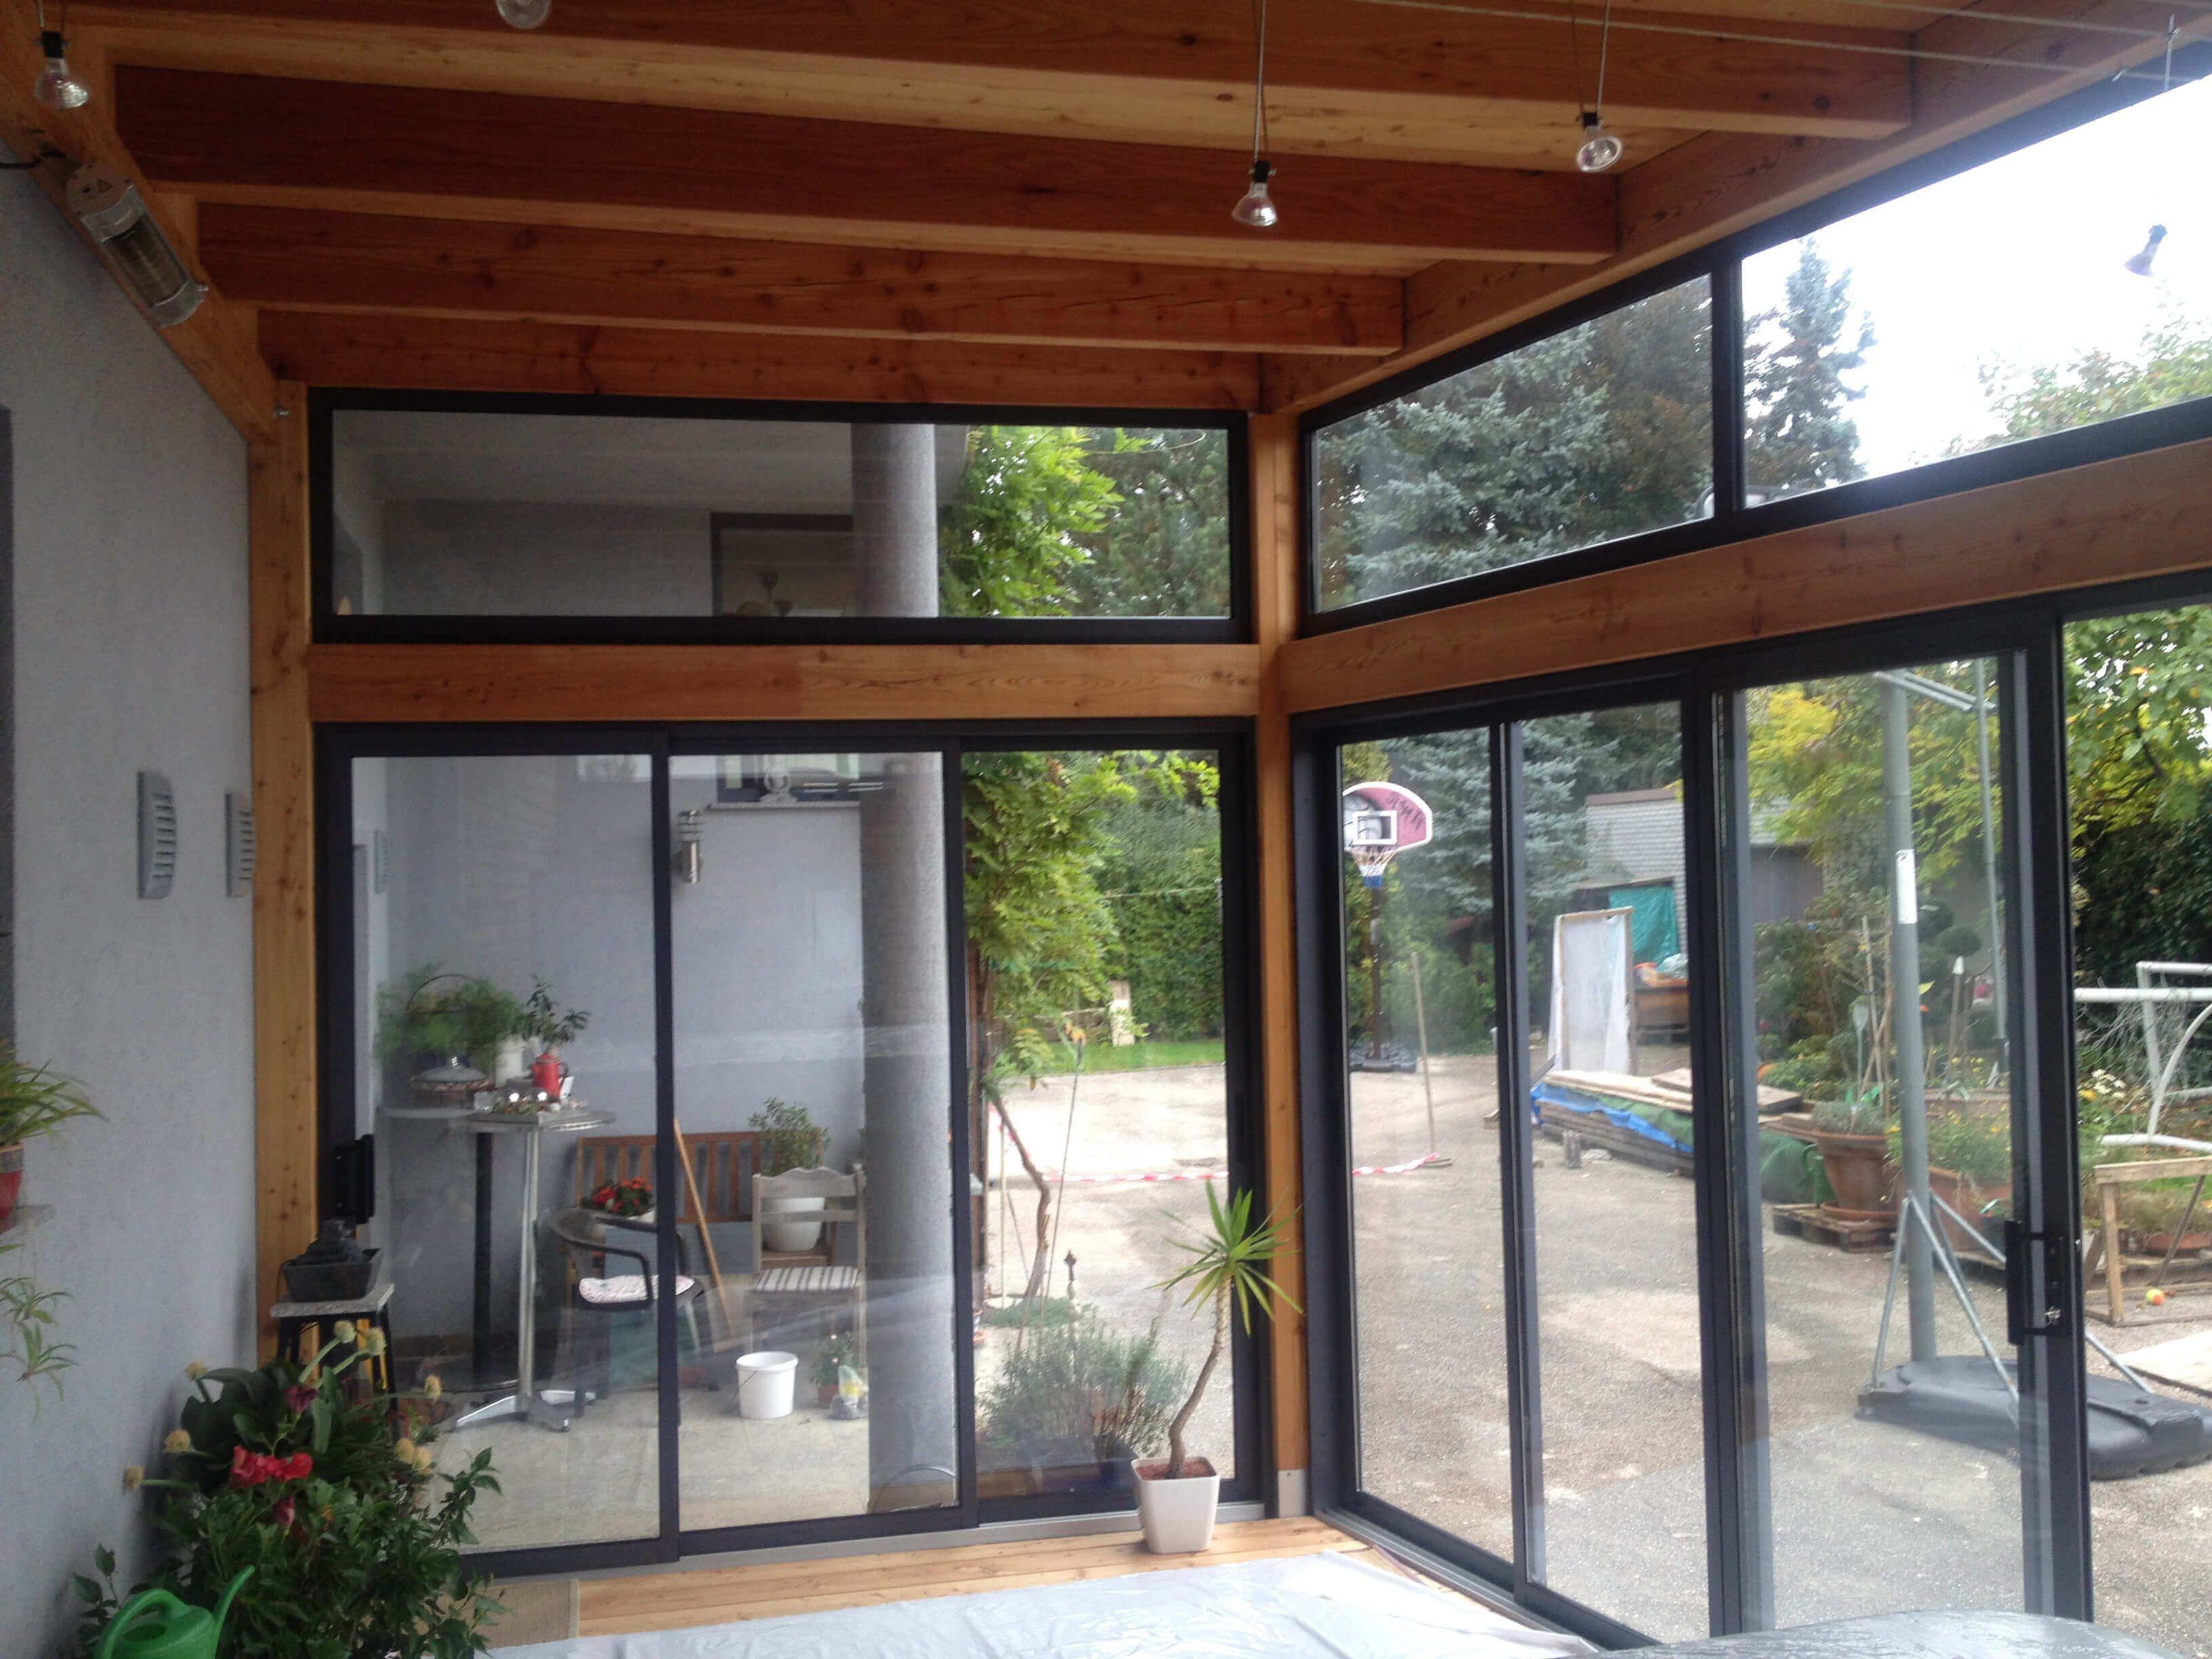 Holzanbau Mit Glas Und Schiebeturen In Oo Schiebefenster